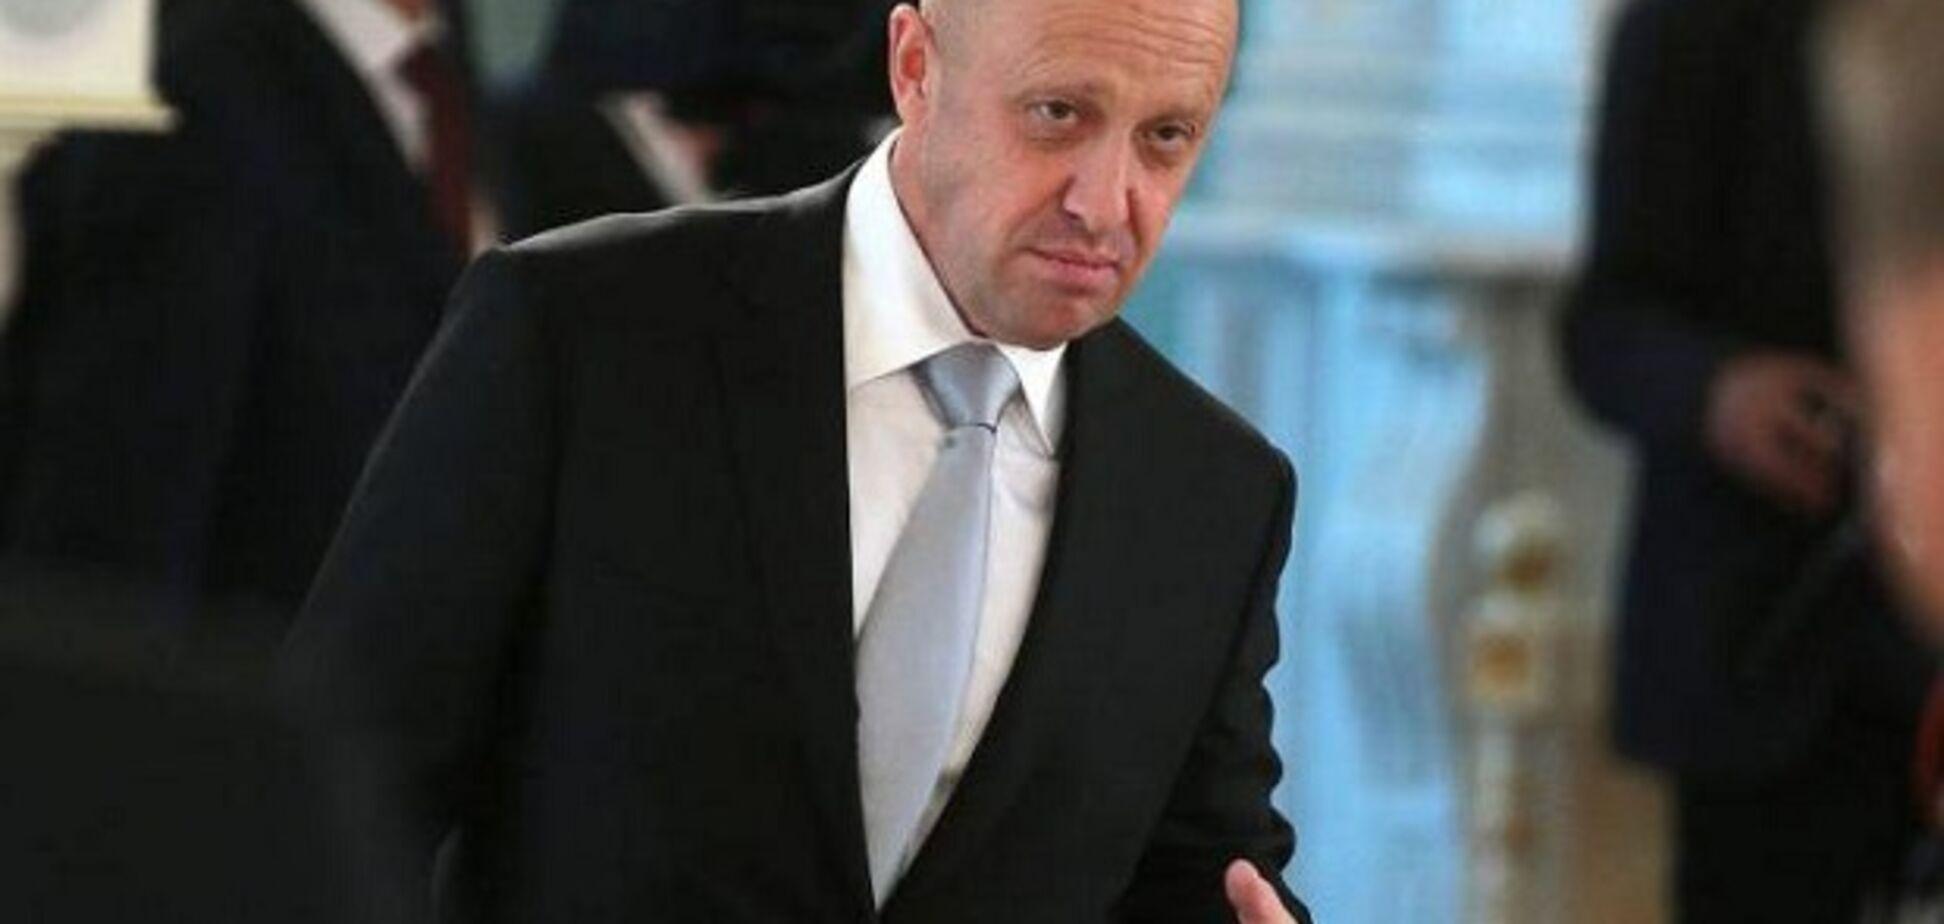 'Повар Путина' попал в немилость после разгрома 'вагнеровцев' - СМИ